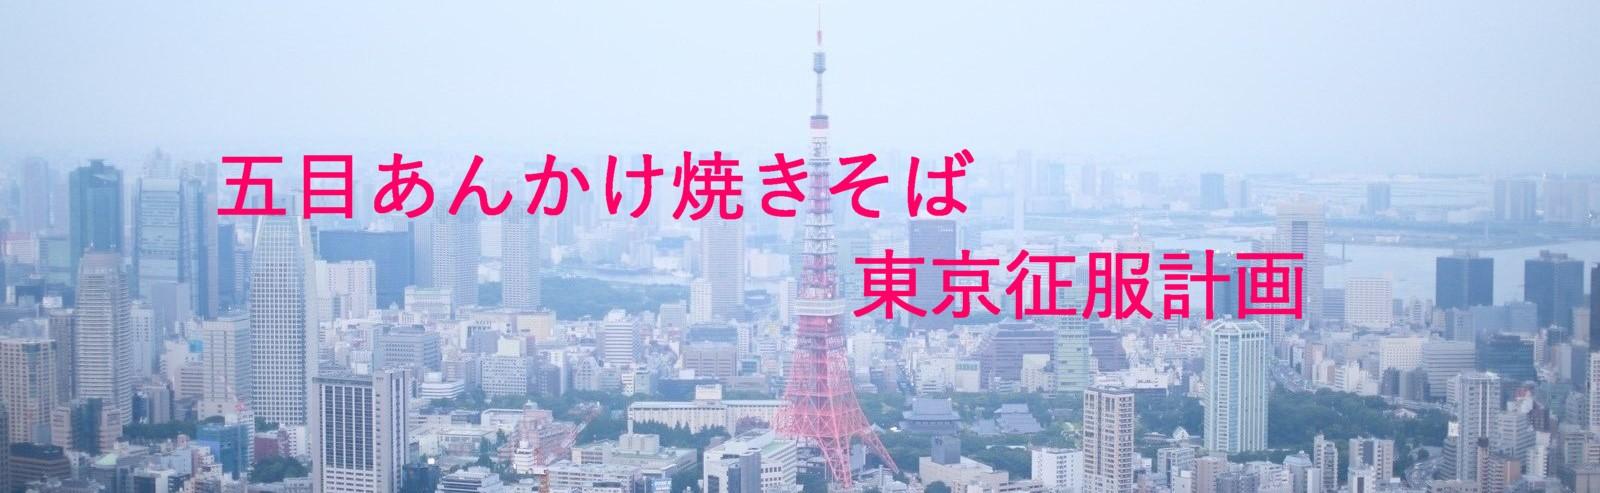 五目あんかけ焼きそば 東京征服計画